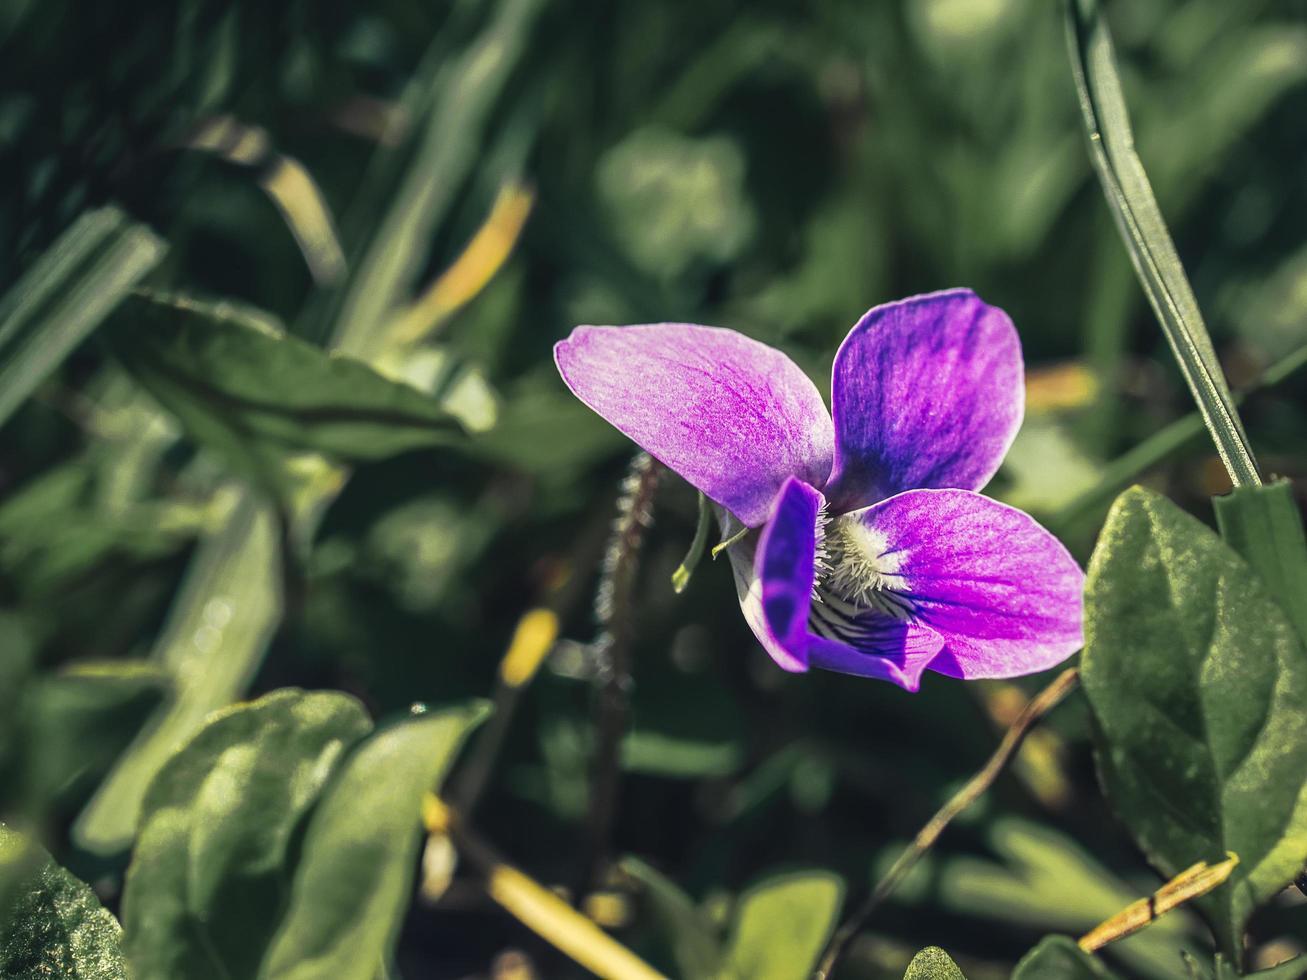 una sola flor violeta entre plantas verdes foto